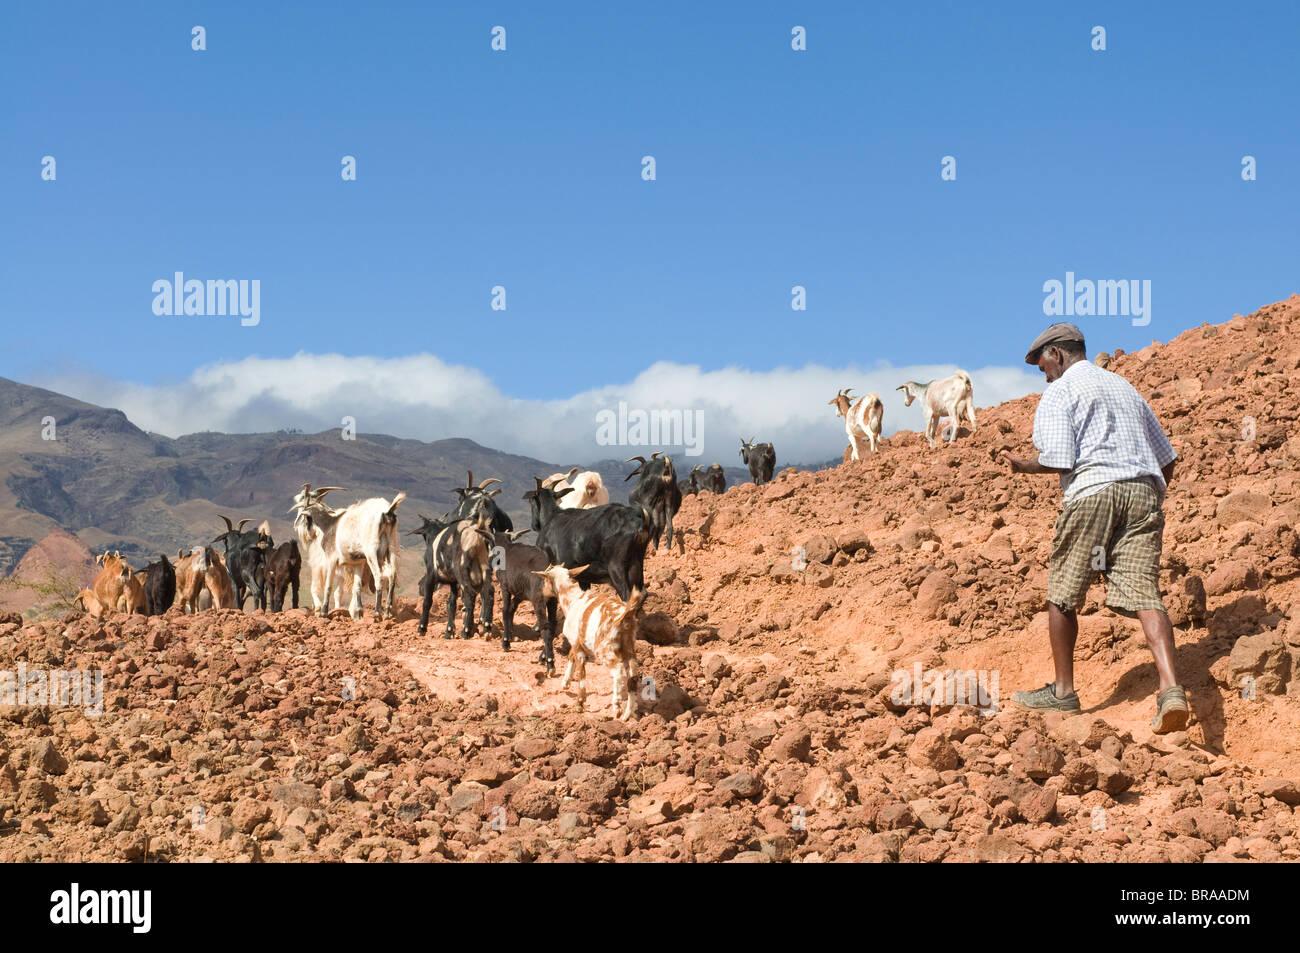 Goats Africa Stock Photos & Goats Africa Stock Images - Alamy